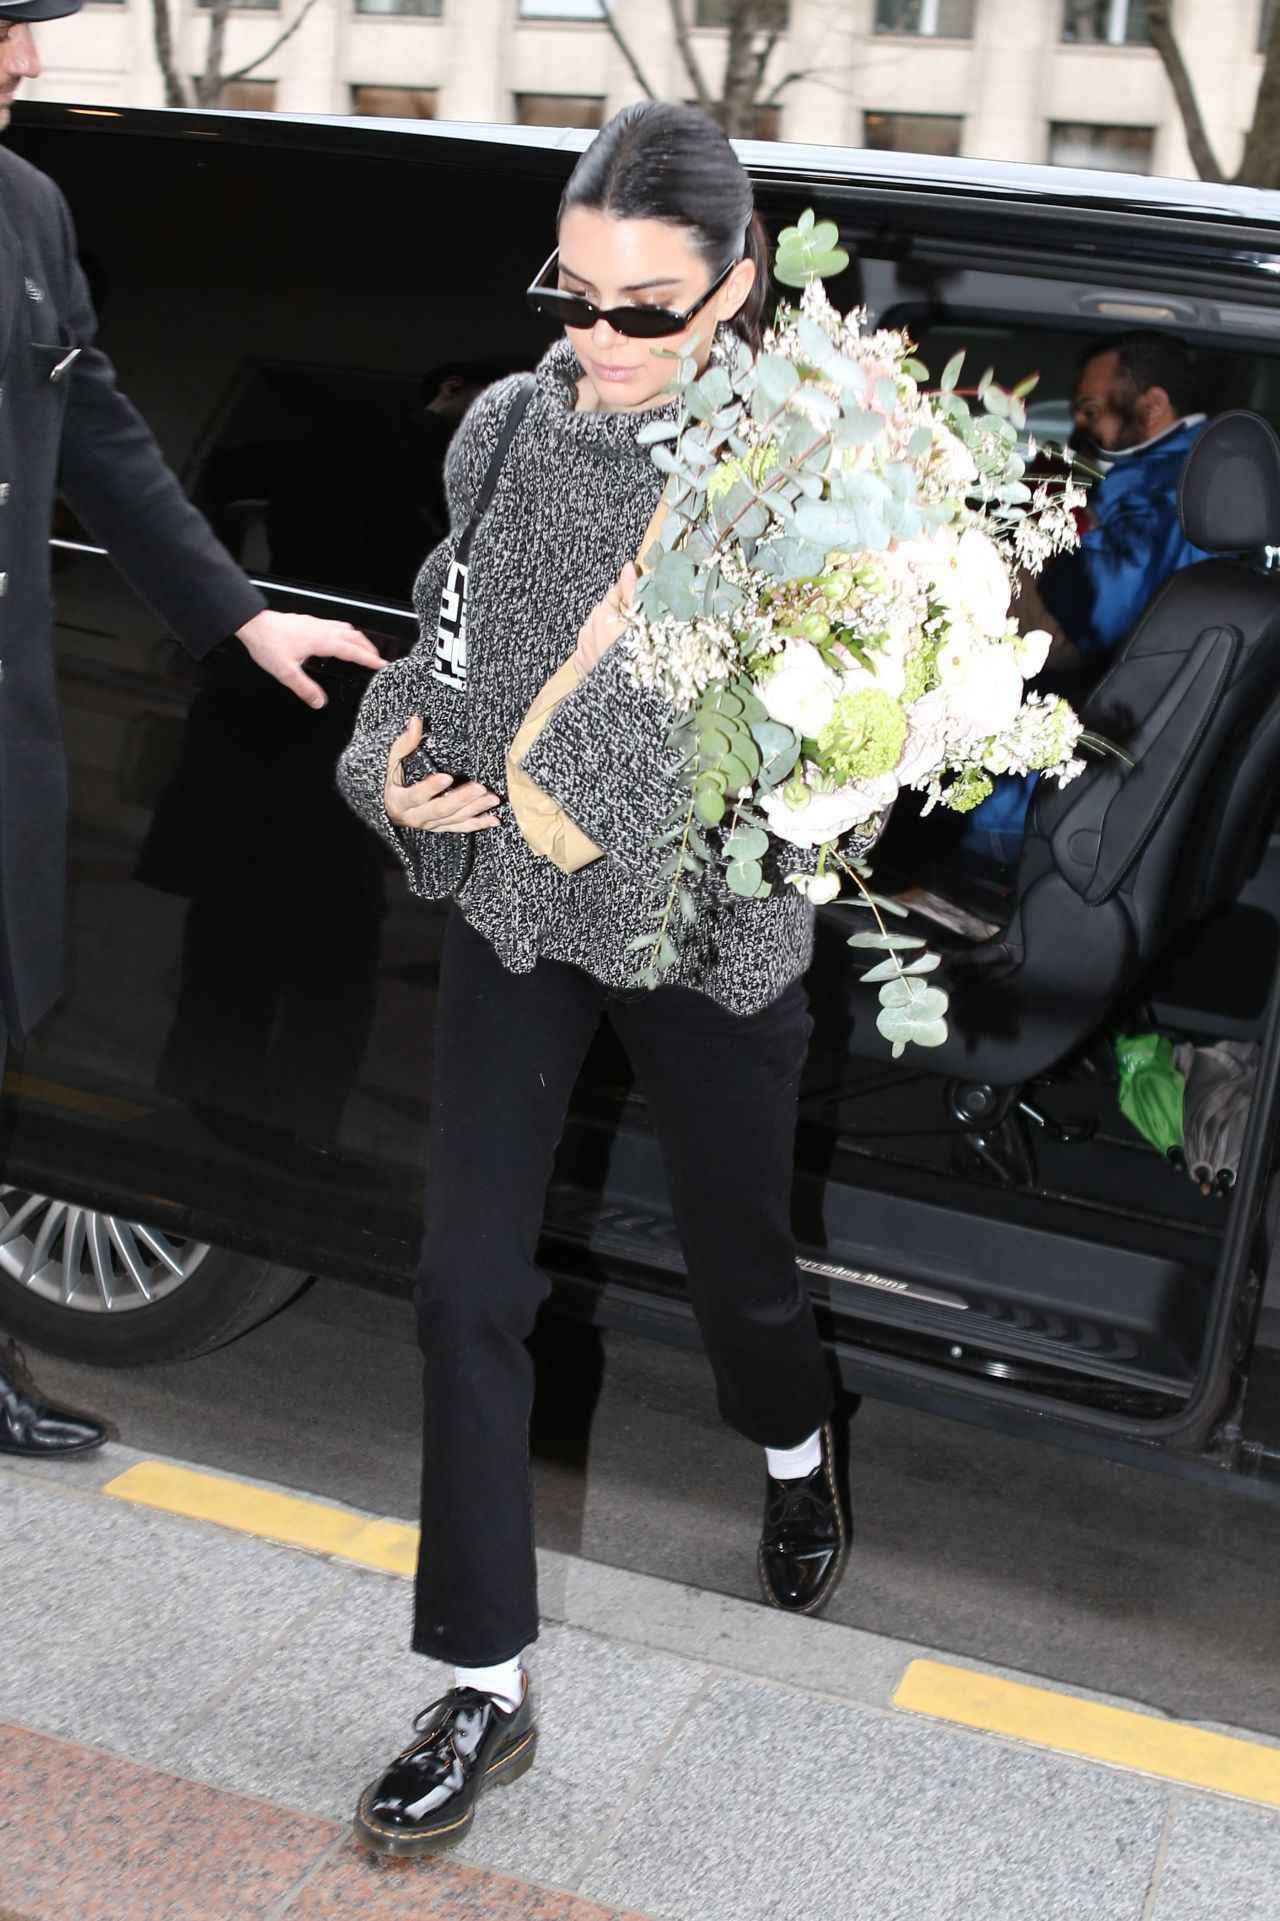 画像3: ケンダル・ジェンナーがロンシャンのロゴバッグをヘビロテ♡